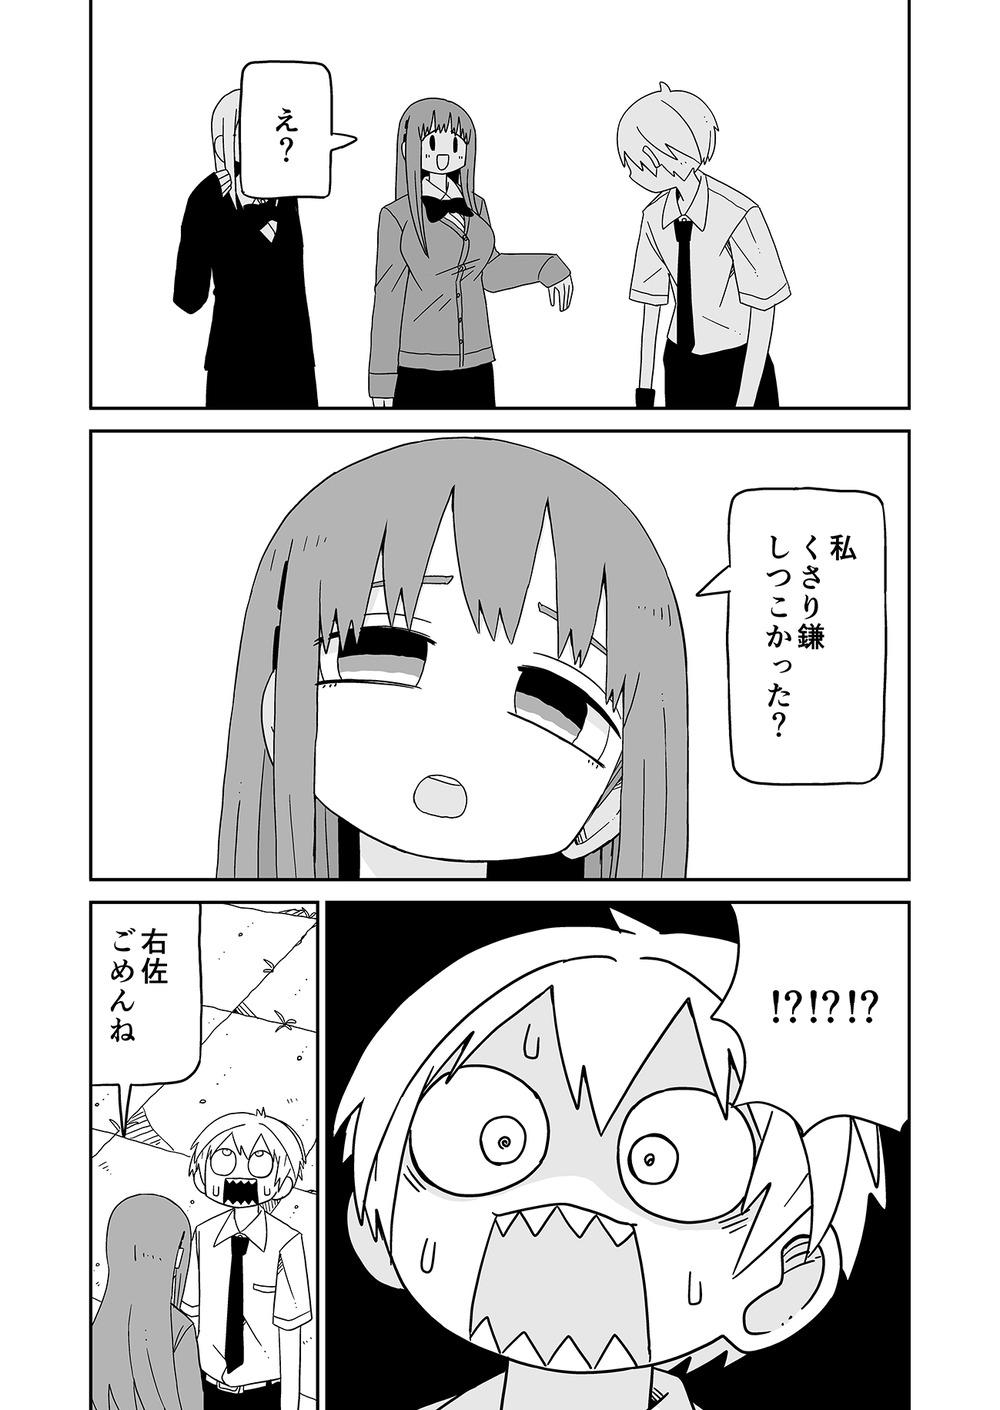 潮舞データオマケ30013